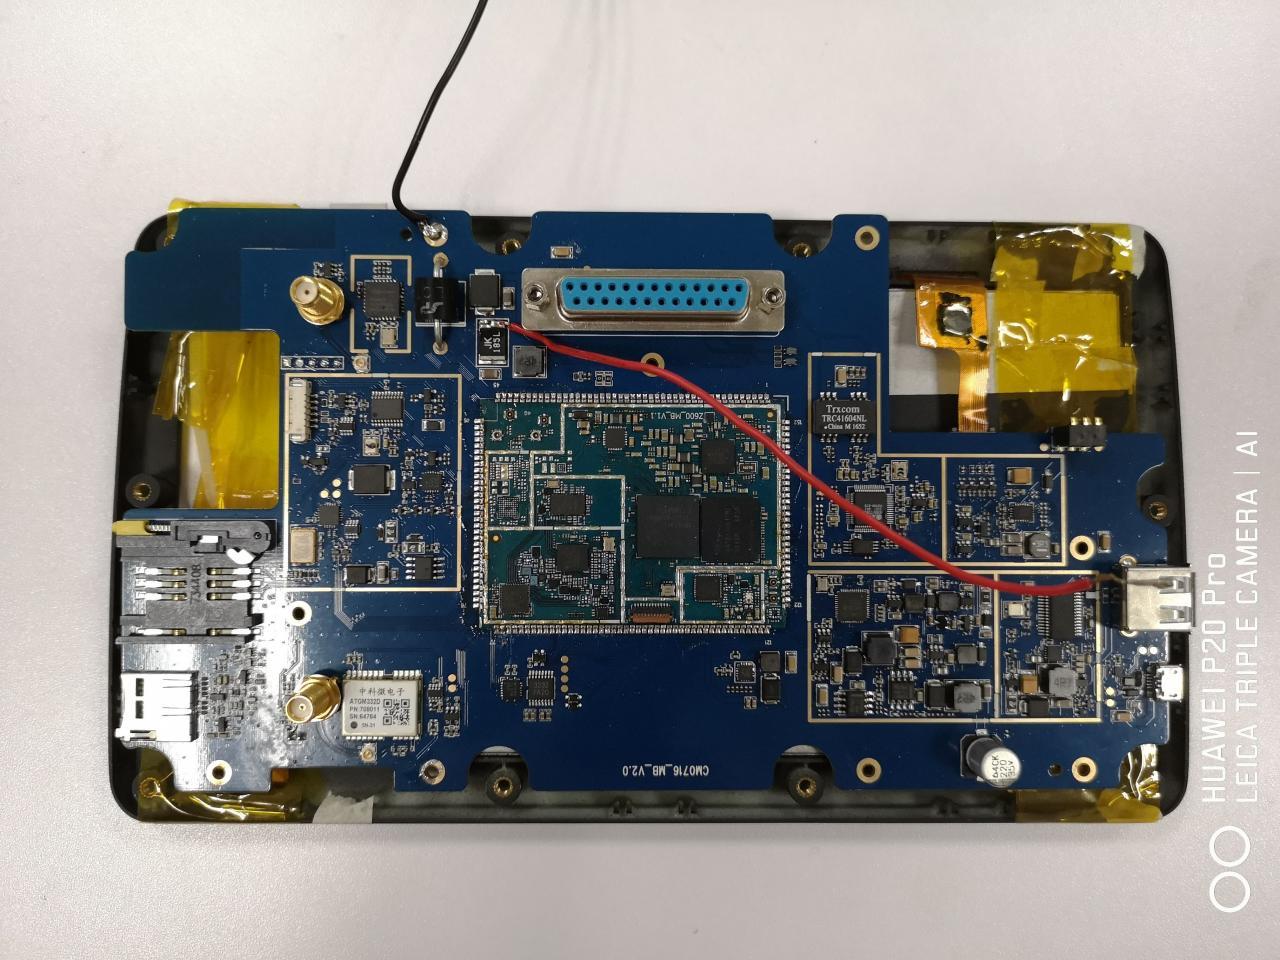 9 视频功能 1:两路usb视频输入; 2:接口:标准usb接口 10  音频功能 1